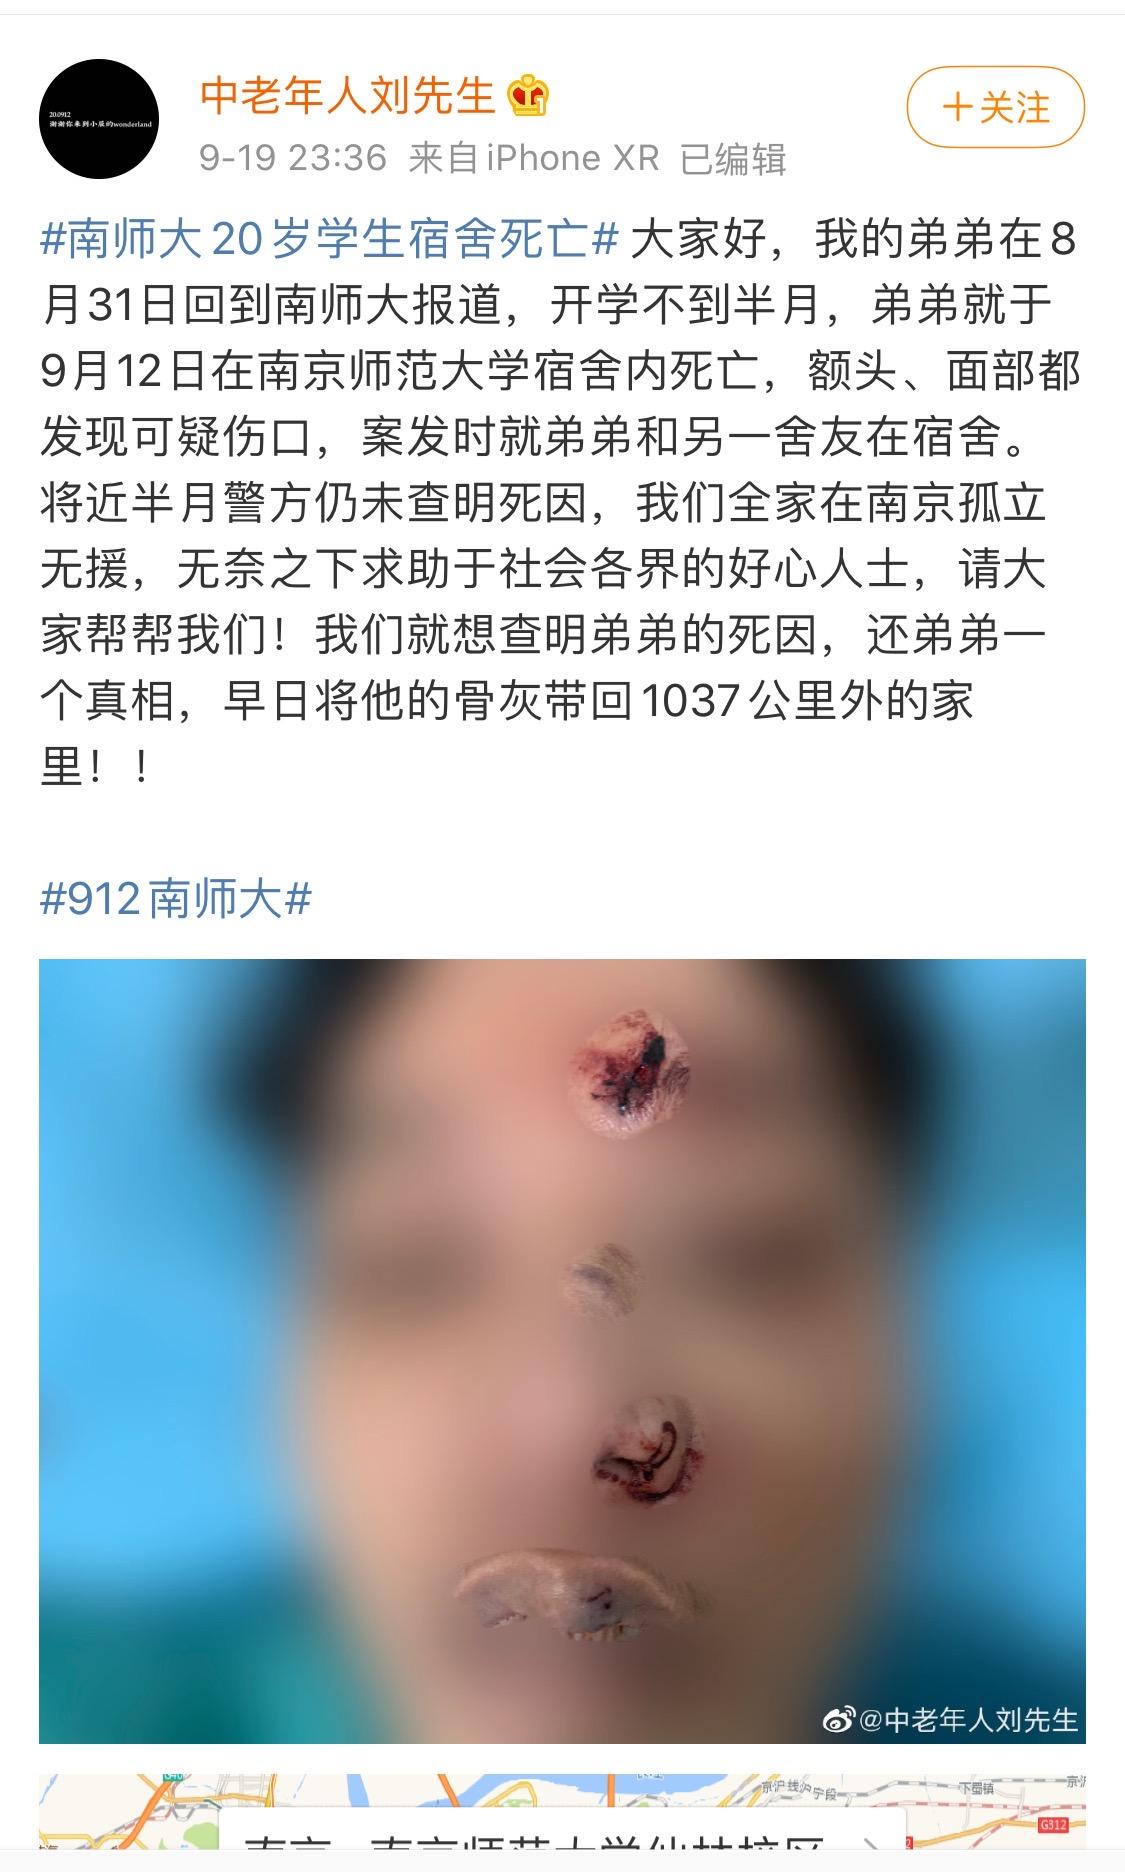 南京一大学生宿舍内死亡,被曝面部有不明伤口,警方介入调查